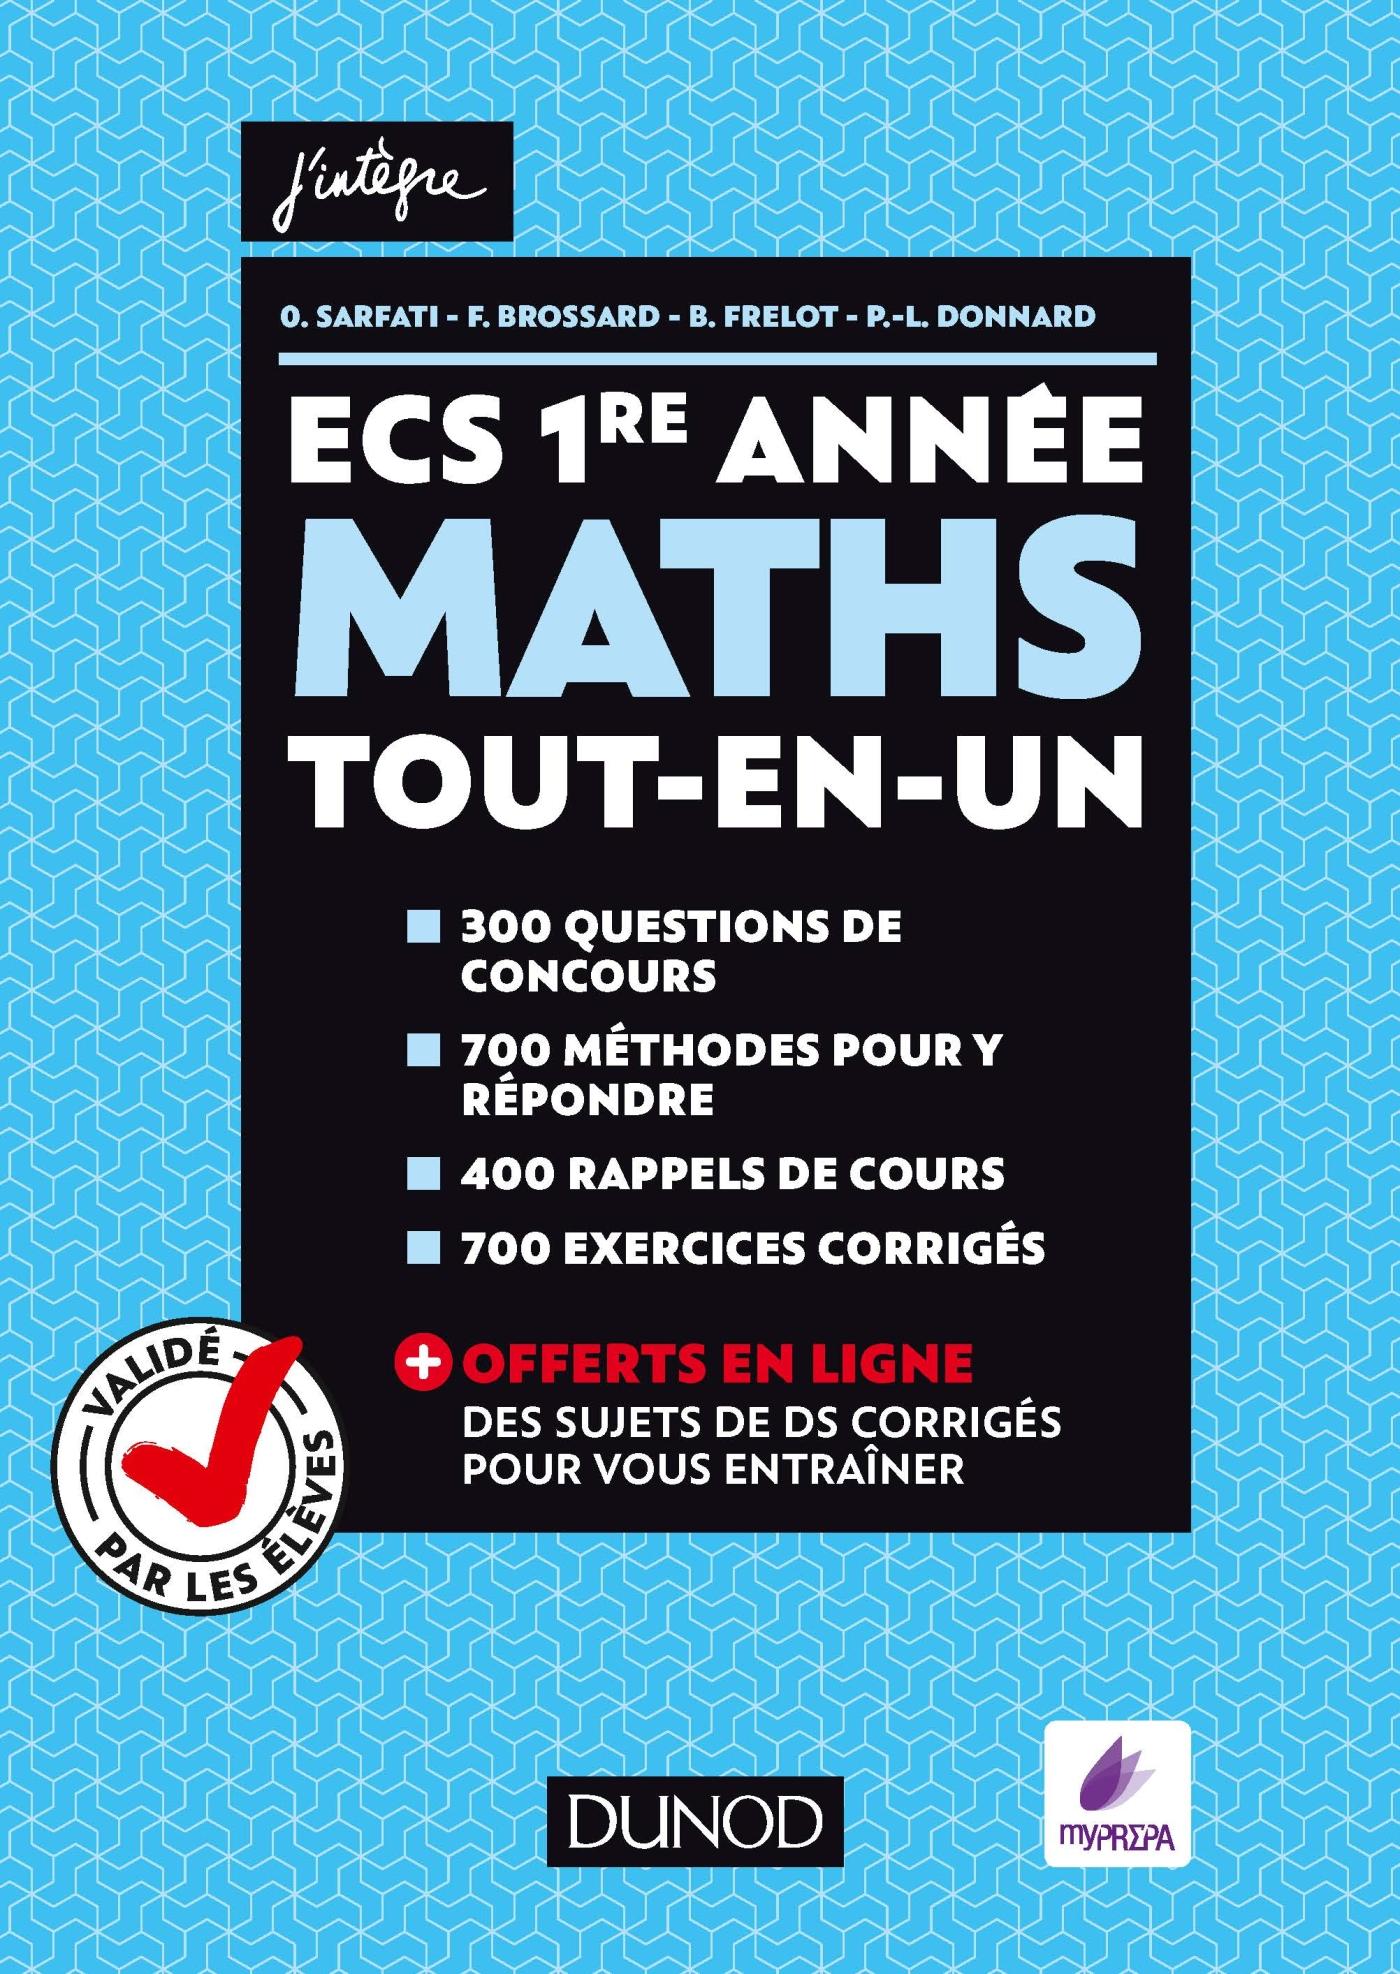 Ecs 1re Année Maths Tout En Un Validé Par Les élèves Livre